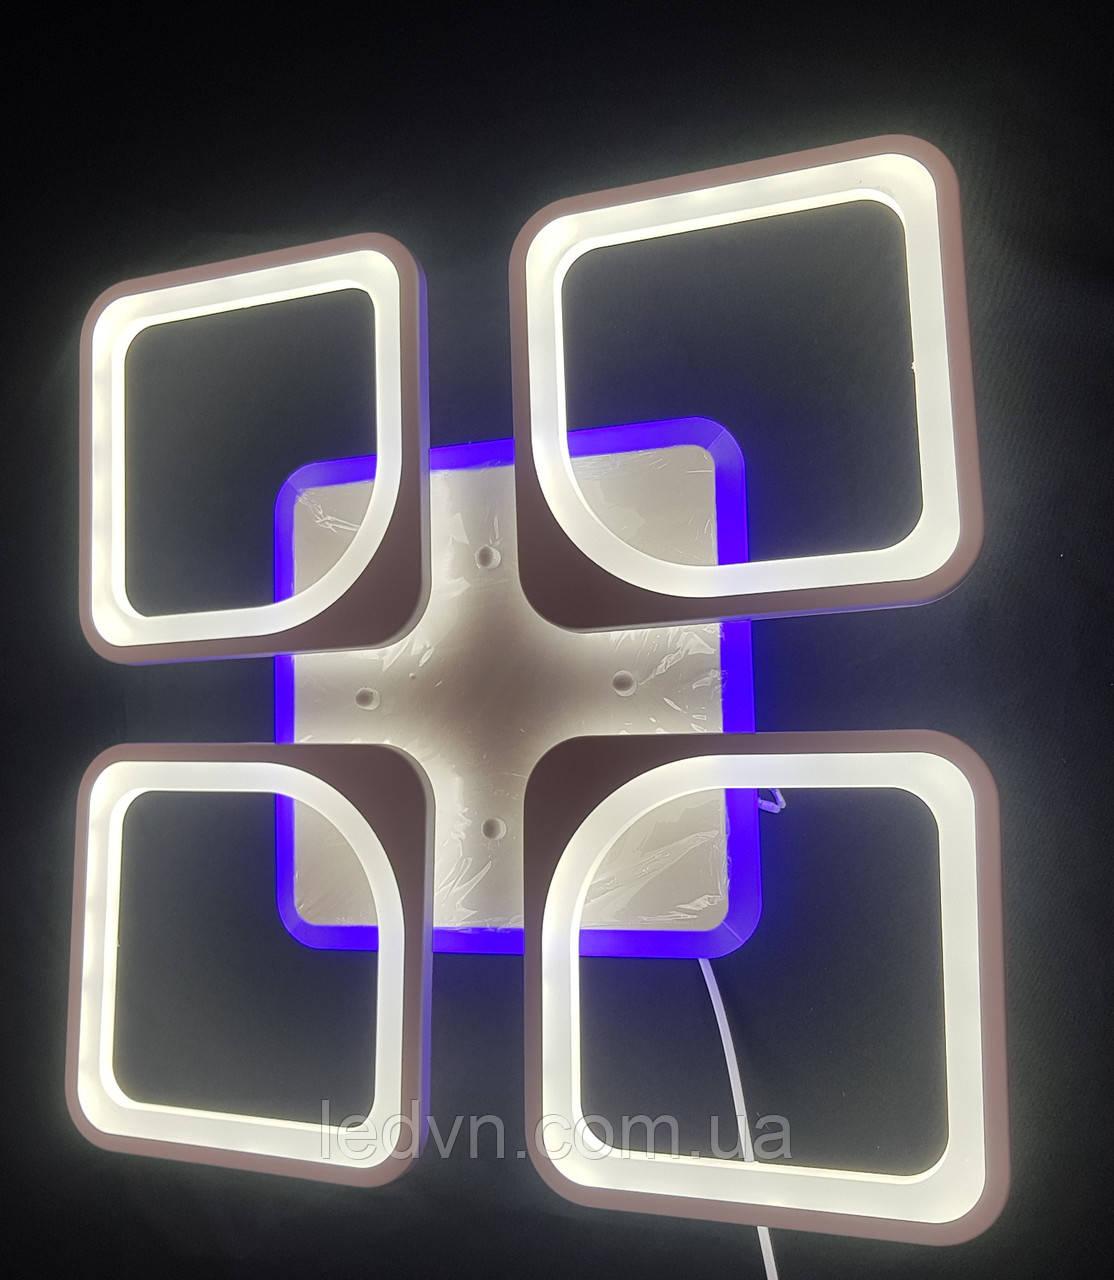 Светодиодная  люстра на 4 квадрата 110 ватт